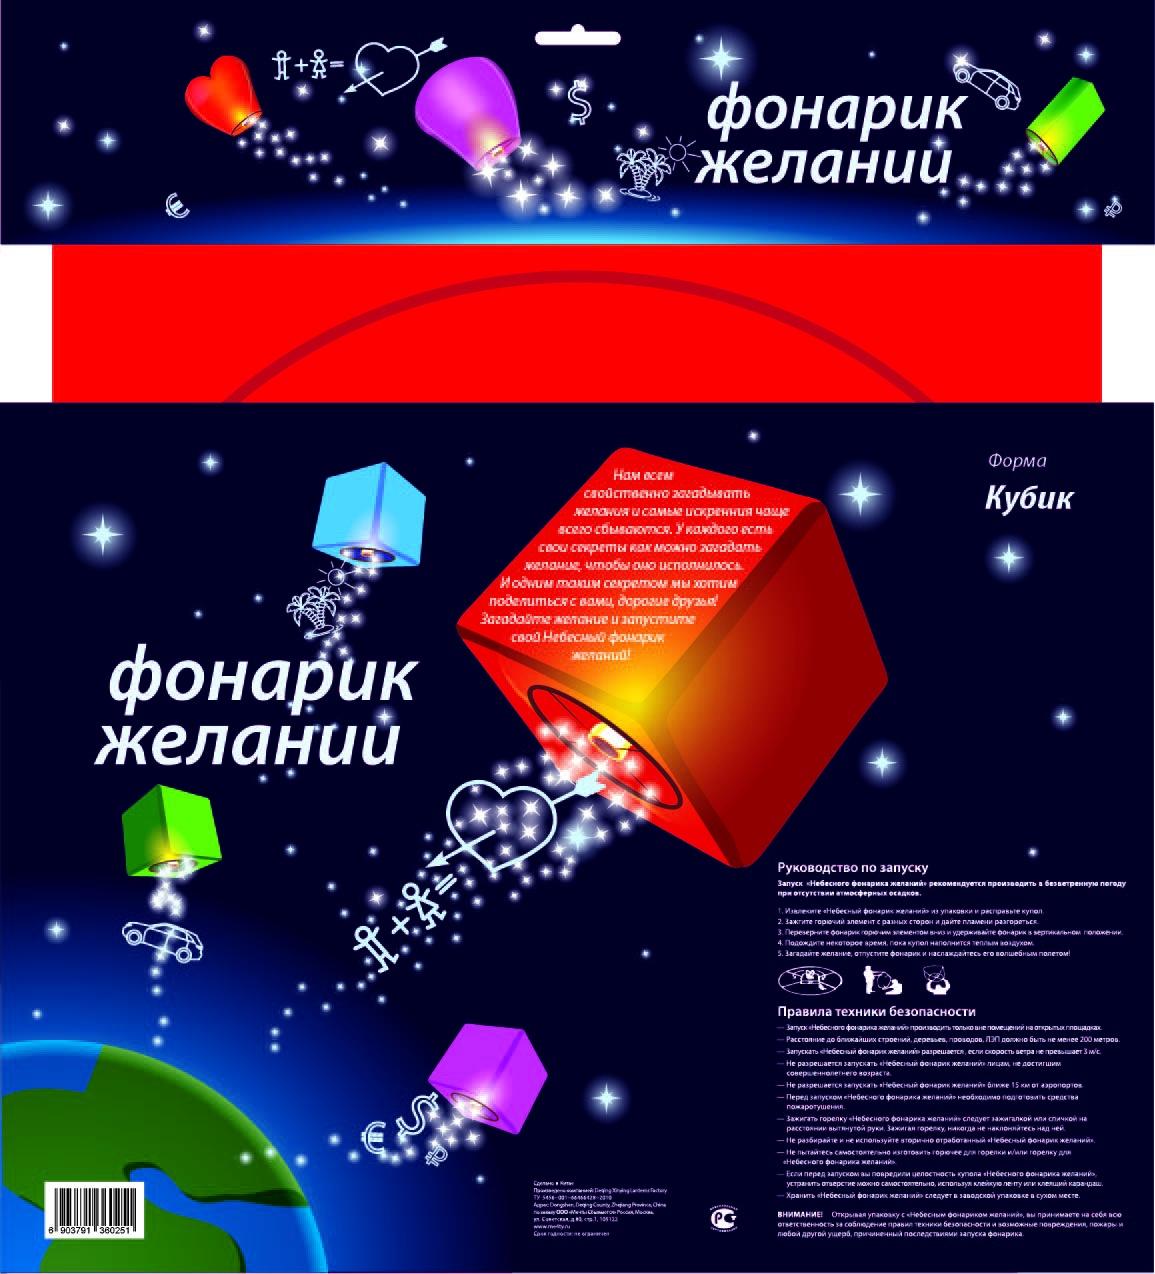 Бумажный фонарик кубик, красный небесный фонарик желаний nebofon сердце 2d pink